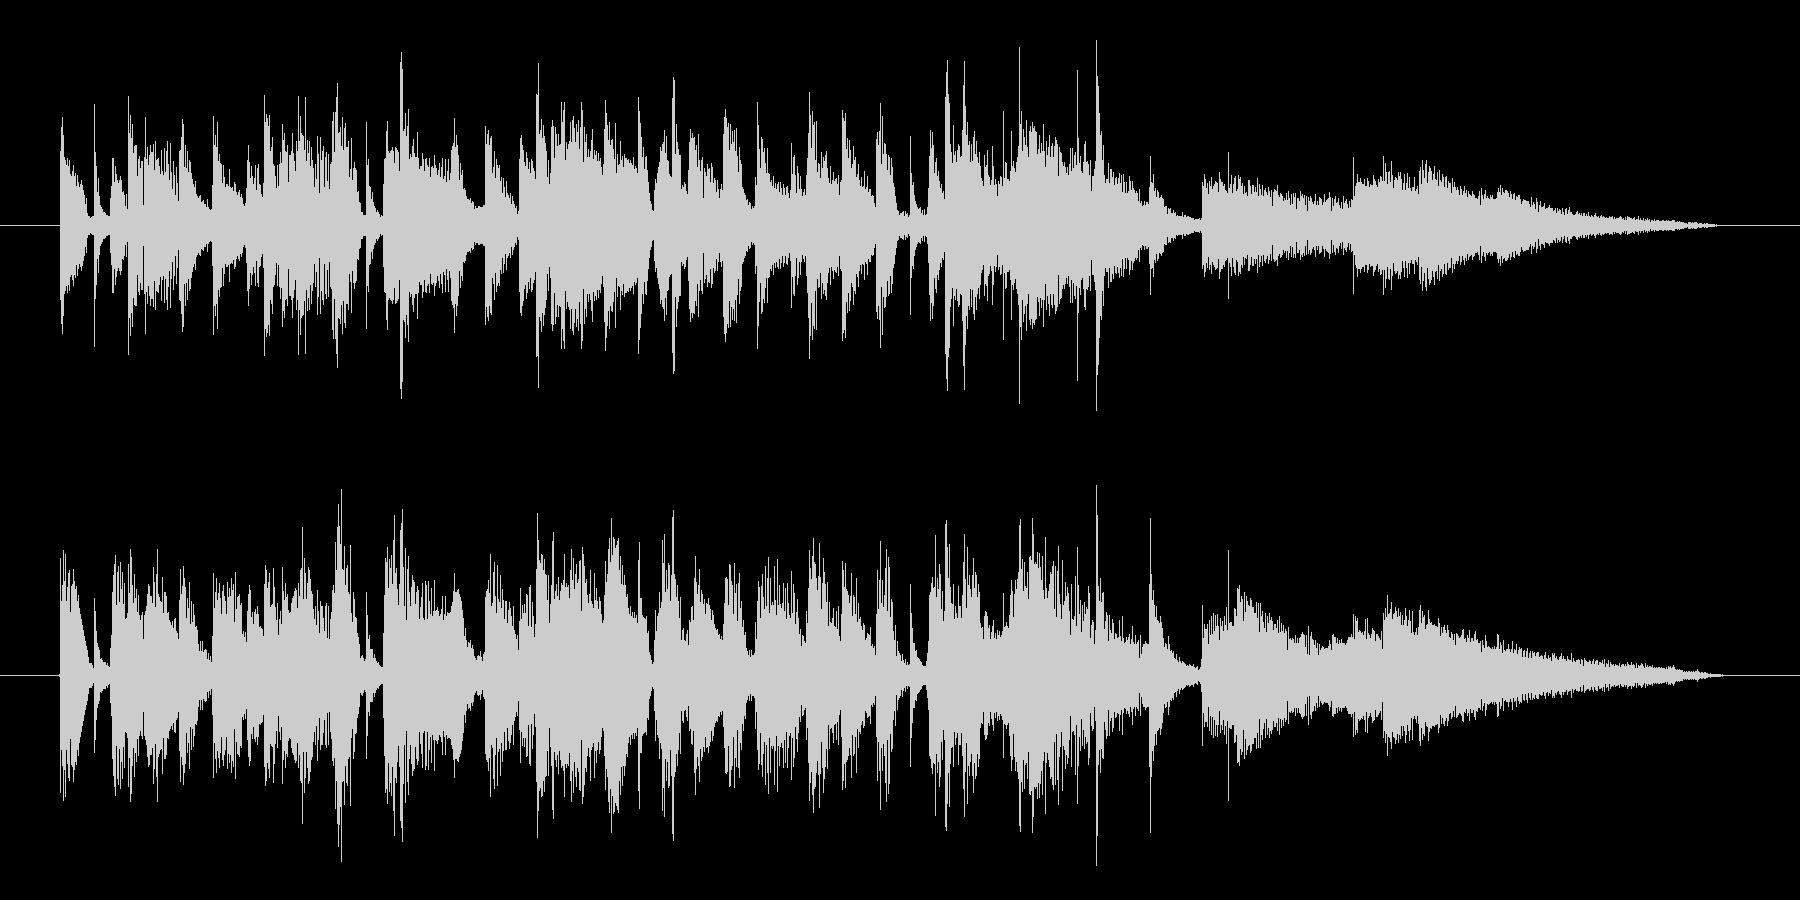 夏の海・リゾートのジャズサンバ・15秒版の未再生の波形